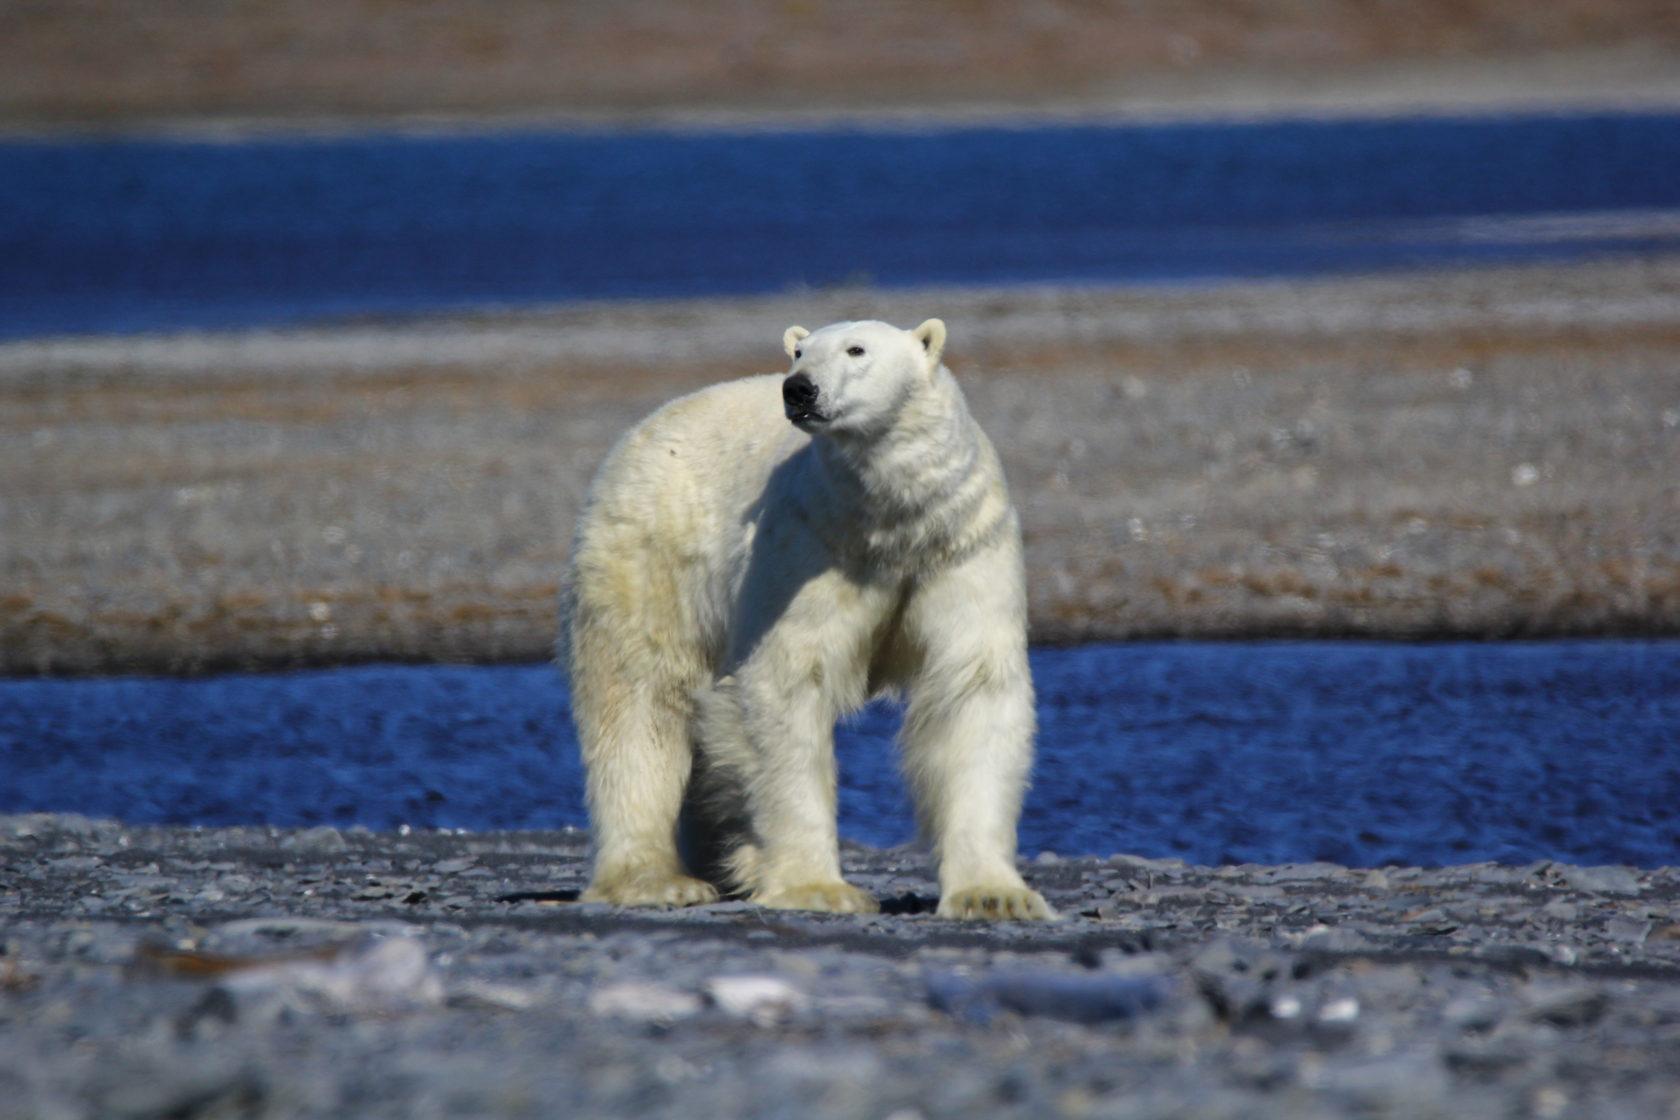 всего камифубики чукотка медведи едят кита фото классике есть тема